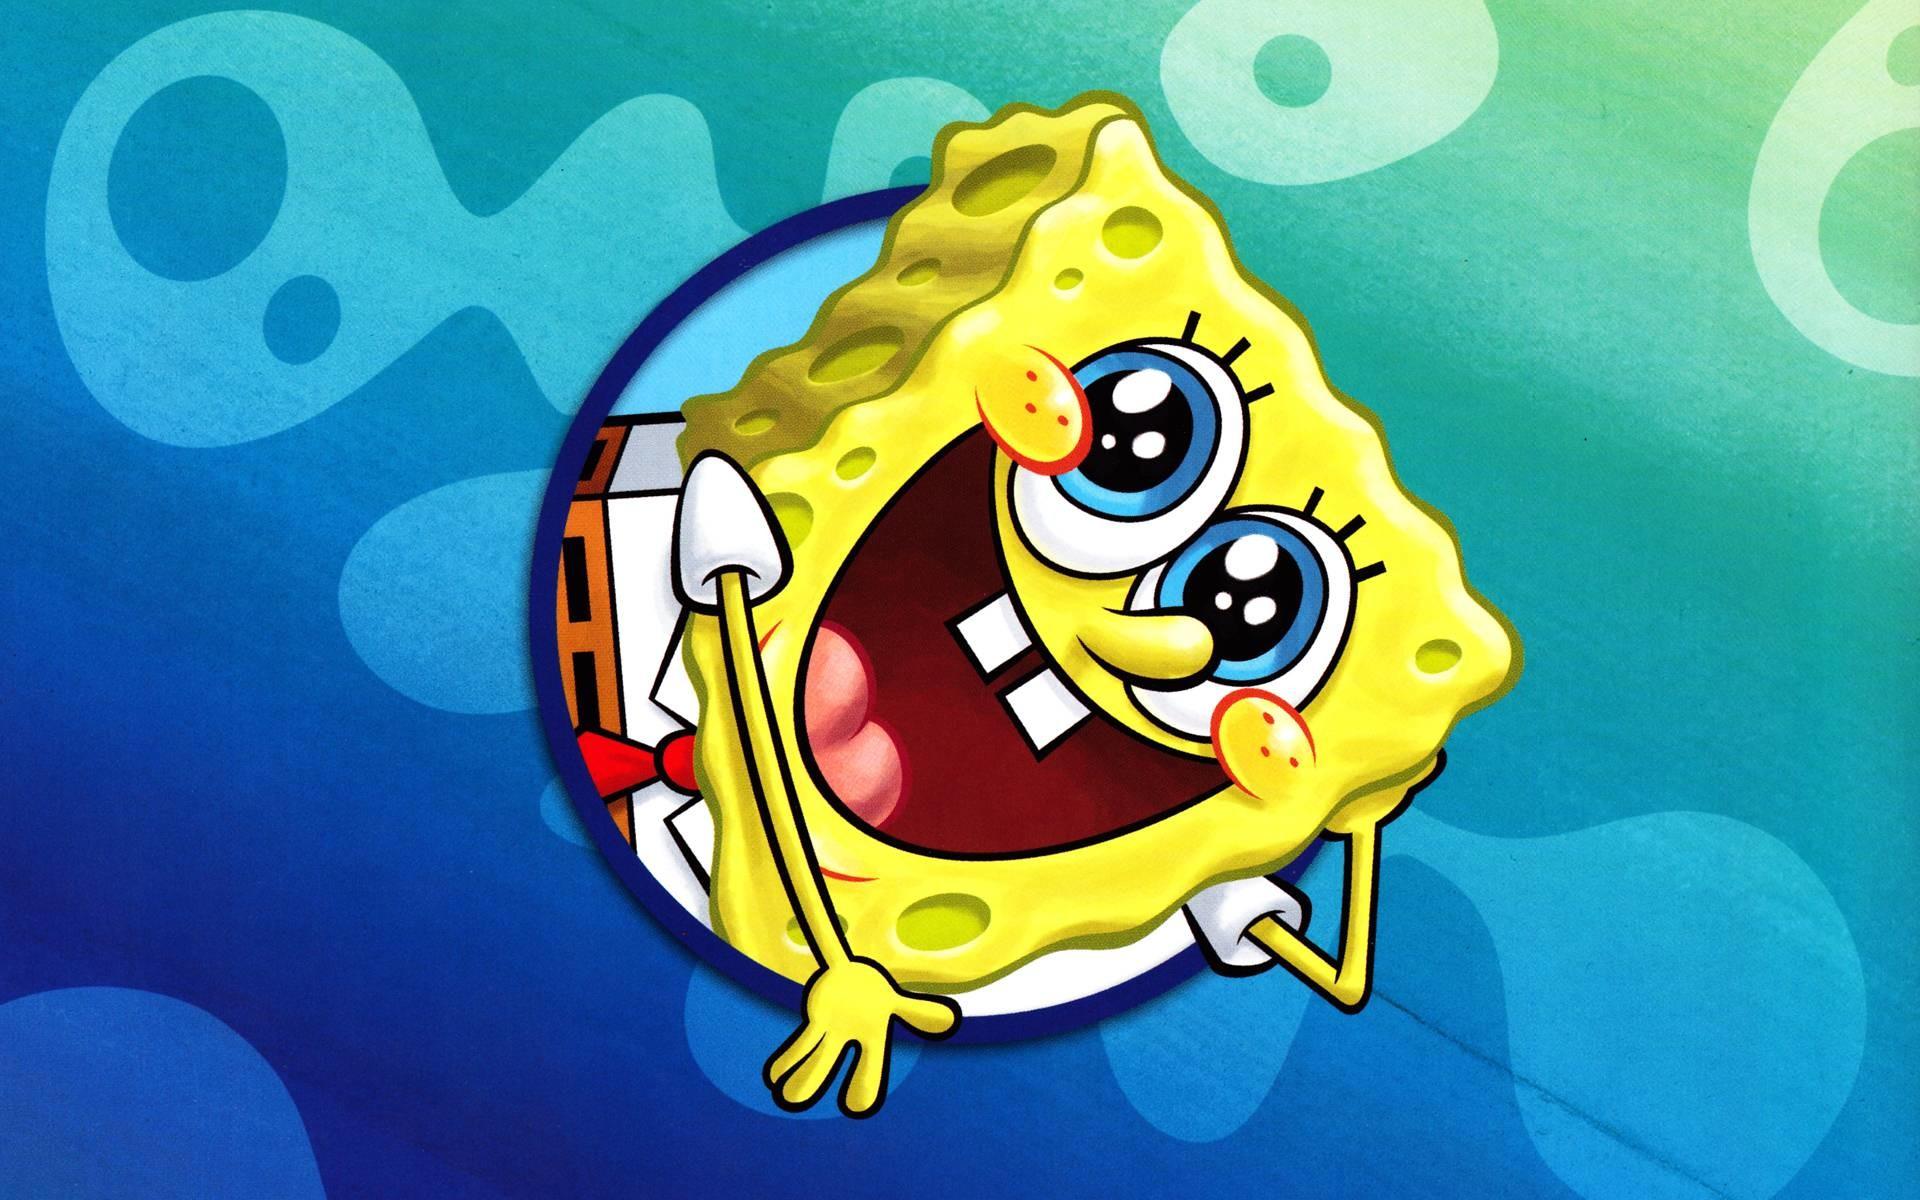 Wallpaper Kartun Spongebob Keren